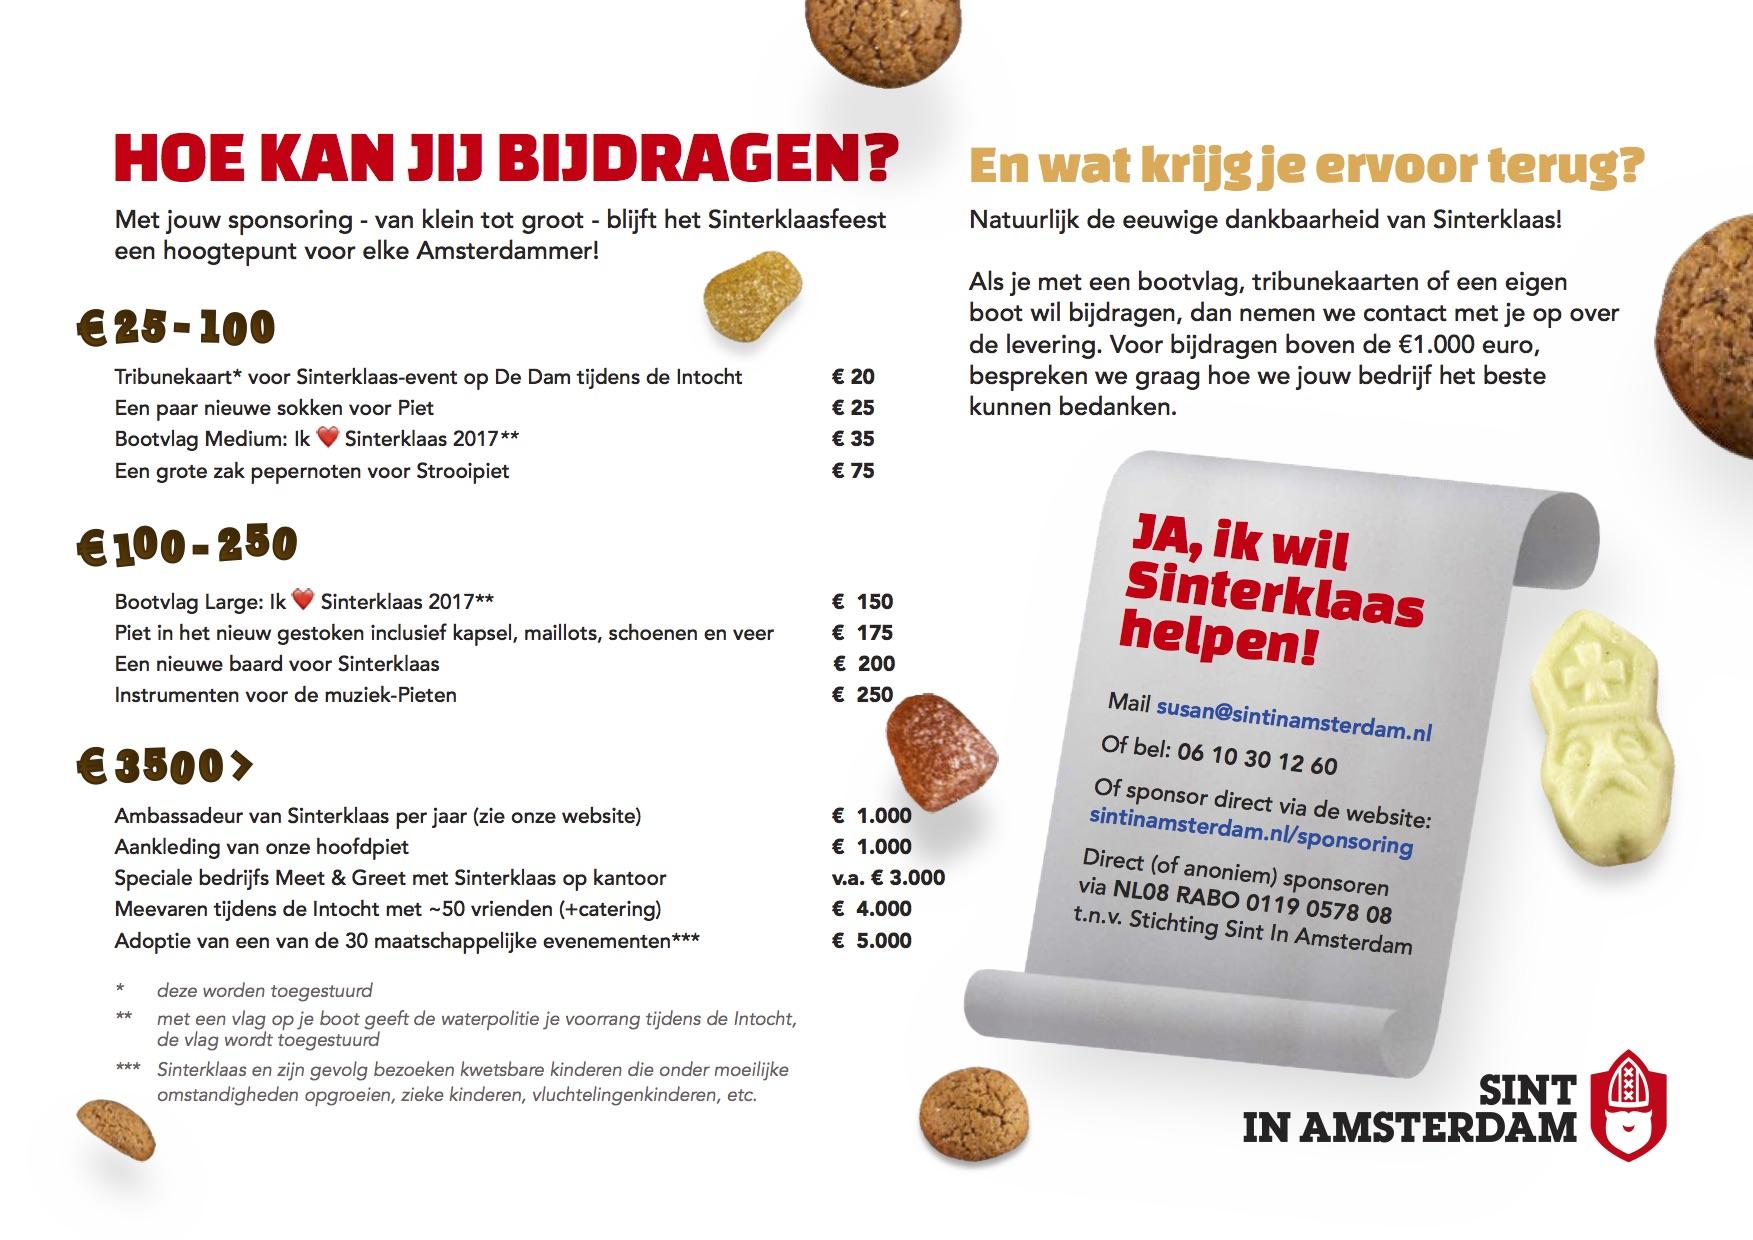 Verlanglijstje Van Sinterklaas Help Je Mee Copy Sint In Amsterdam